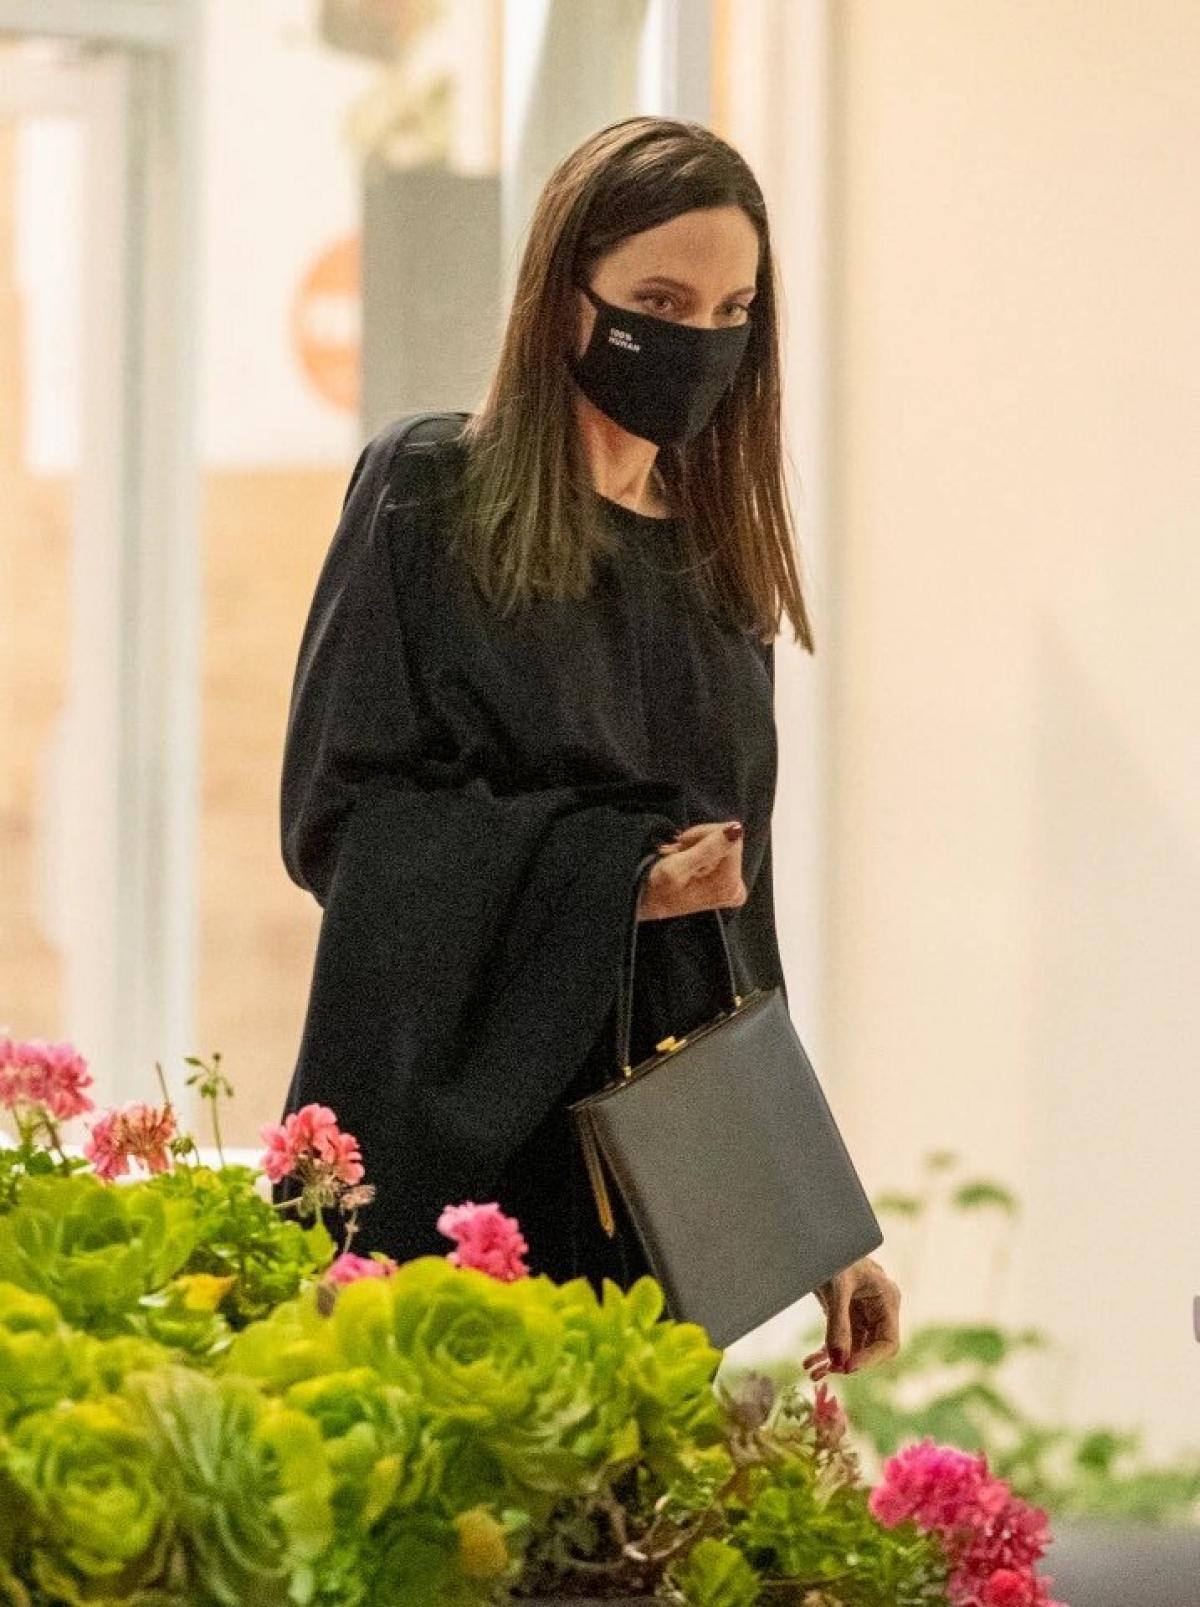 Được biết, thời gian qua Angelina vẫn đang đấu tranh ở tòa để được giành quyền nuôi cả 6 người con.